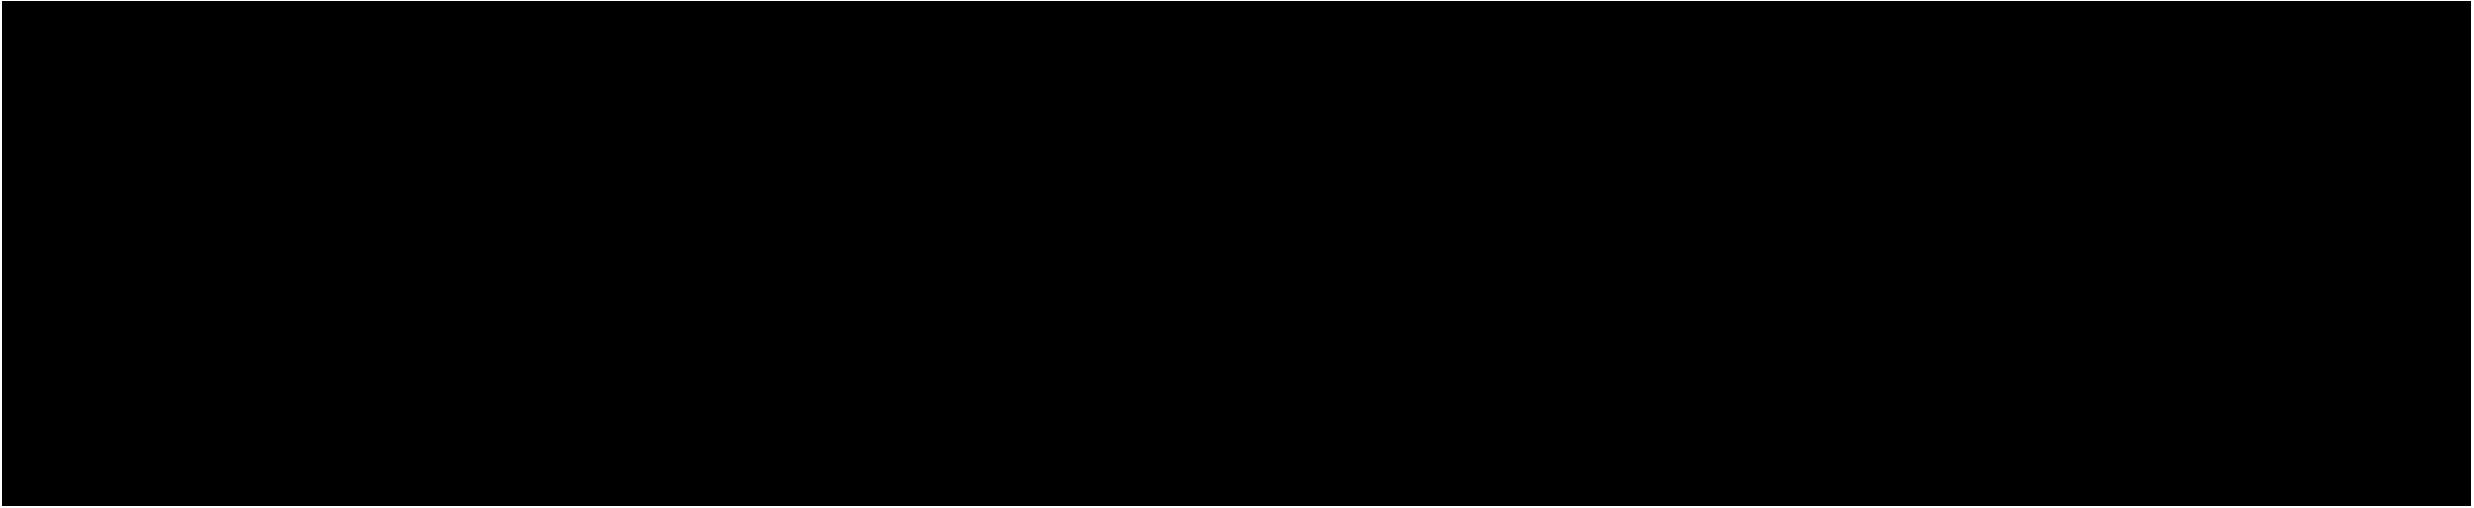 Illustration vue de l'avant d'un protège-gouttière pour gouttière existante Alurex Gutter Clean